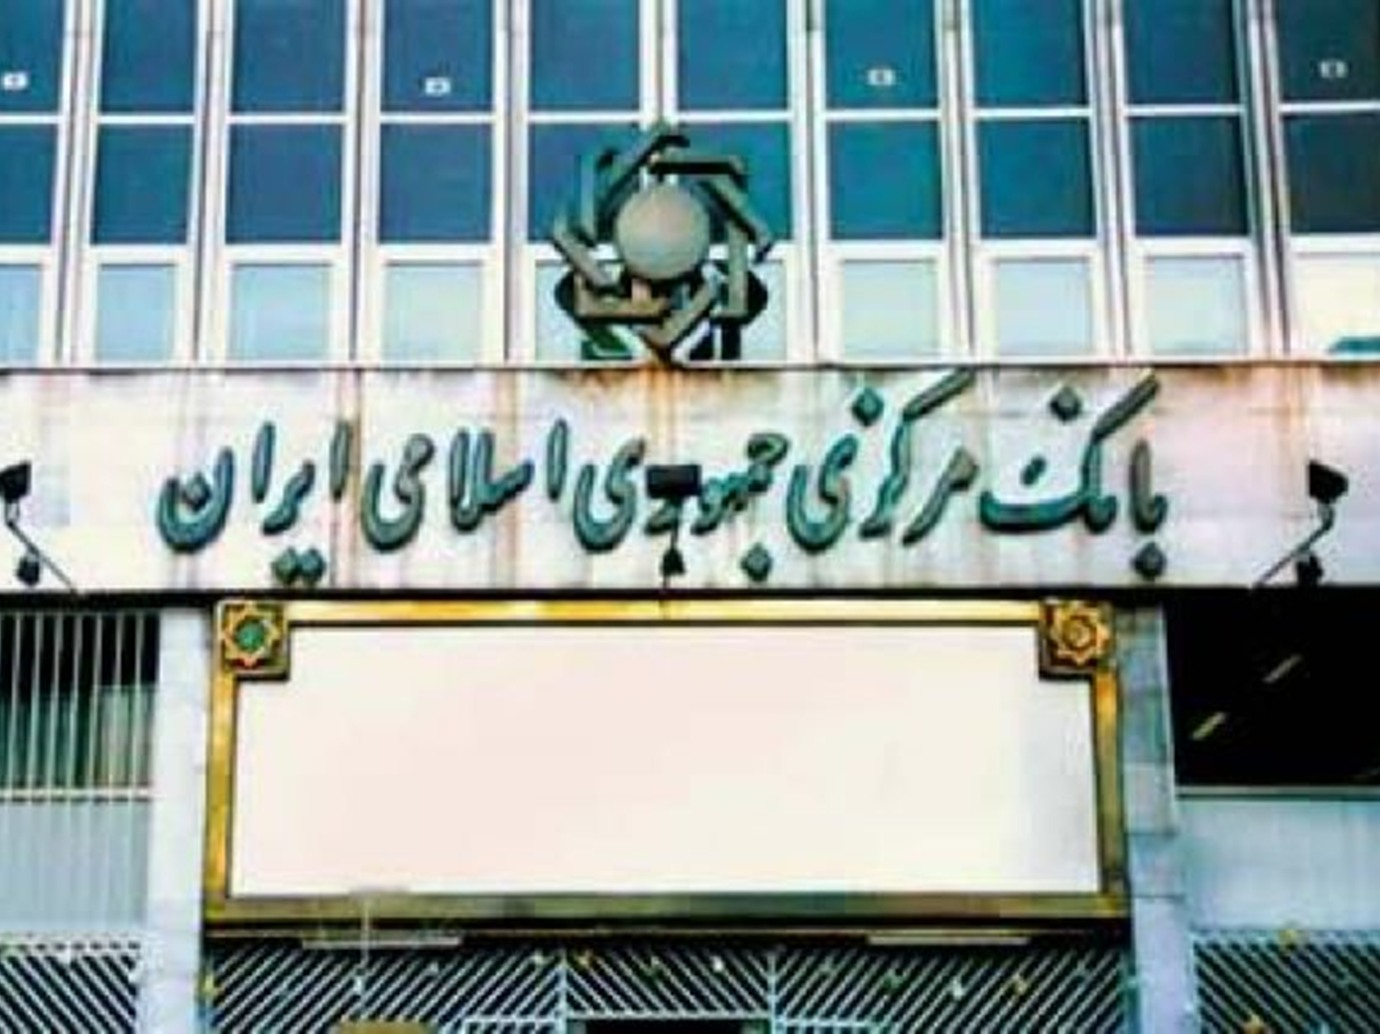 البنك المركزي الإيراني:ابرام اتفاقات نقدية مع العراق